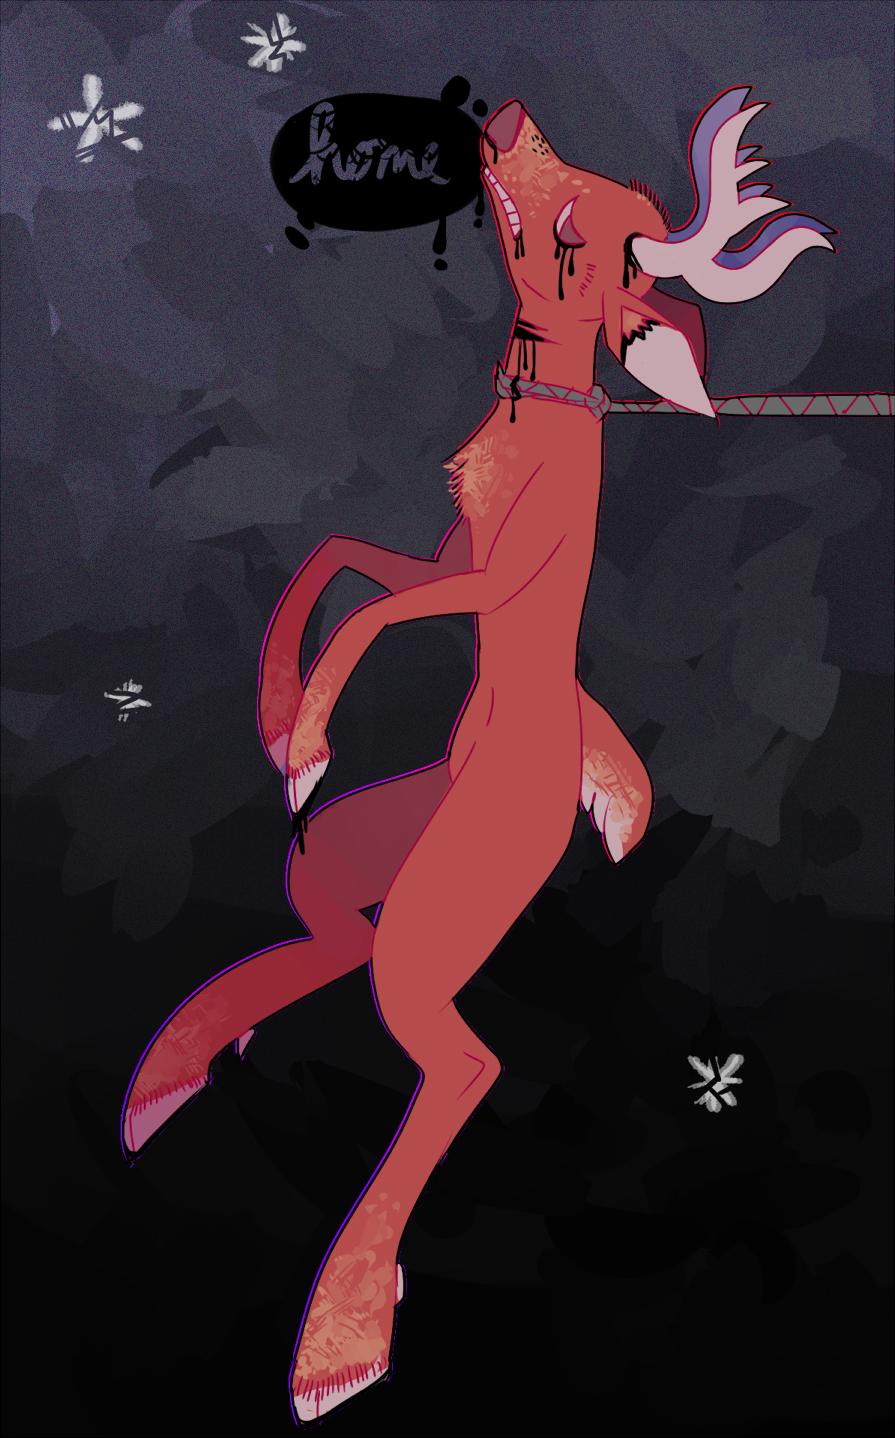 I am a Deer Illustration